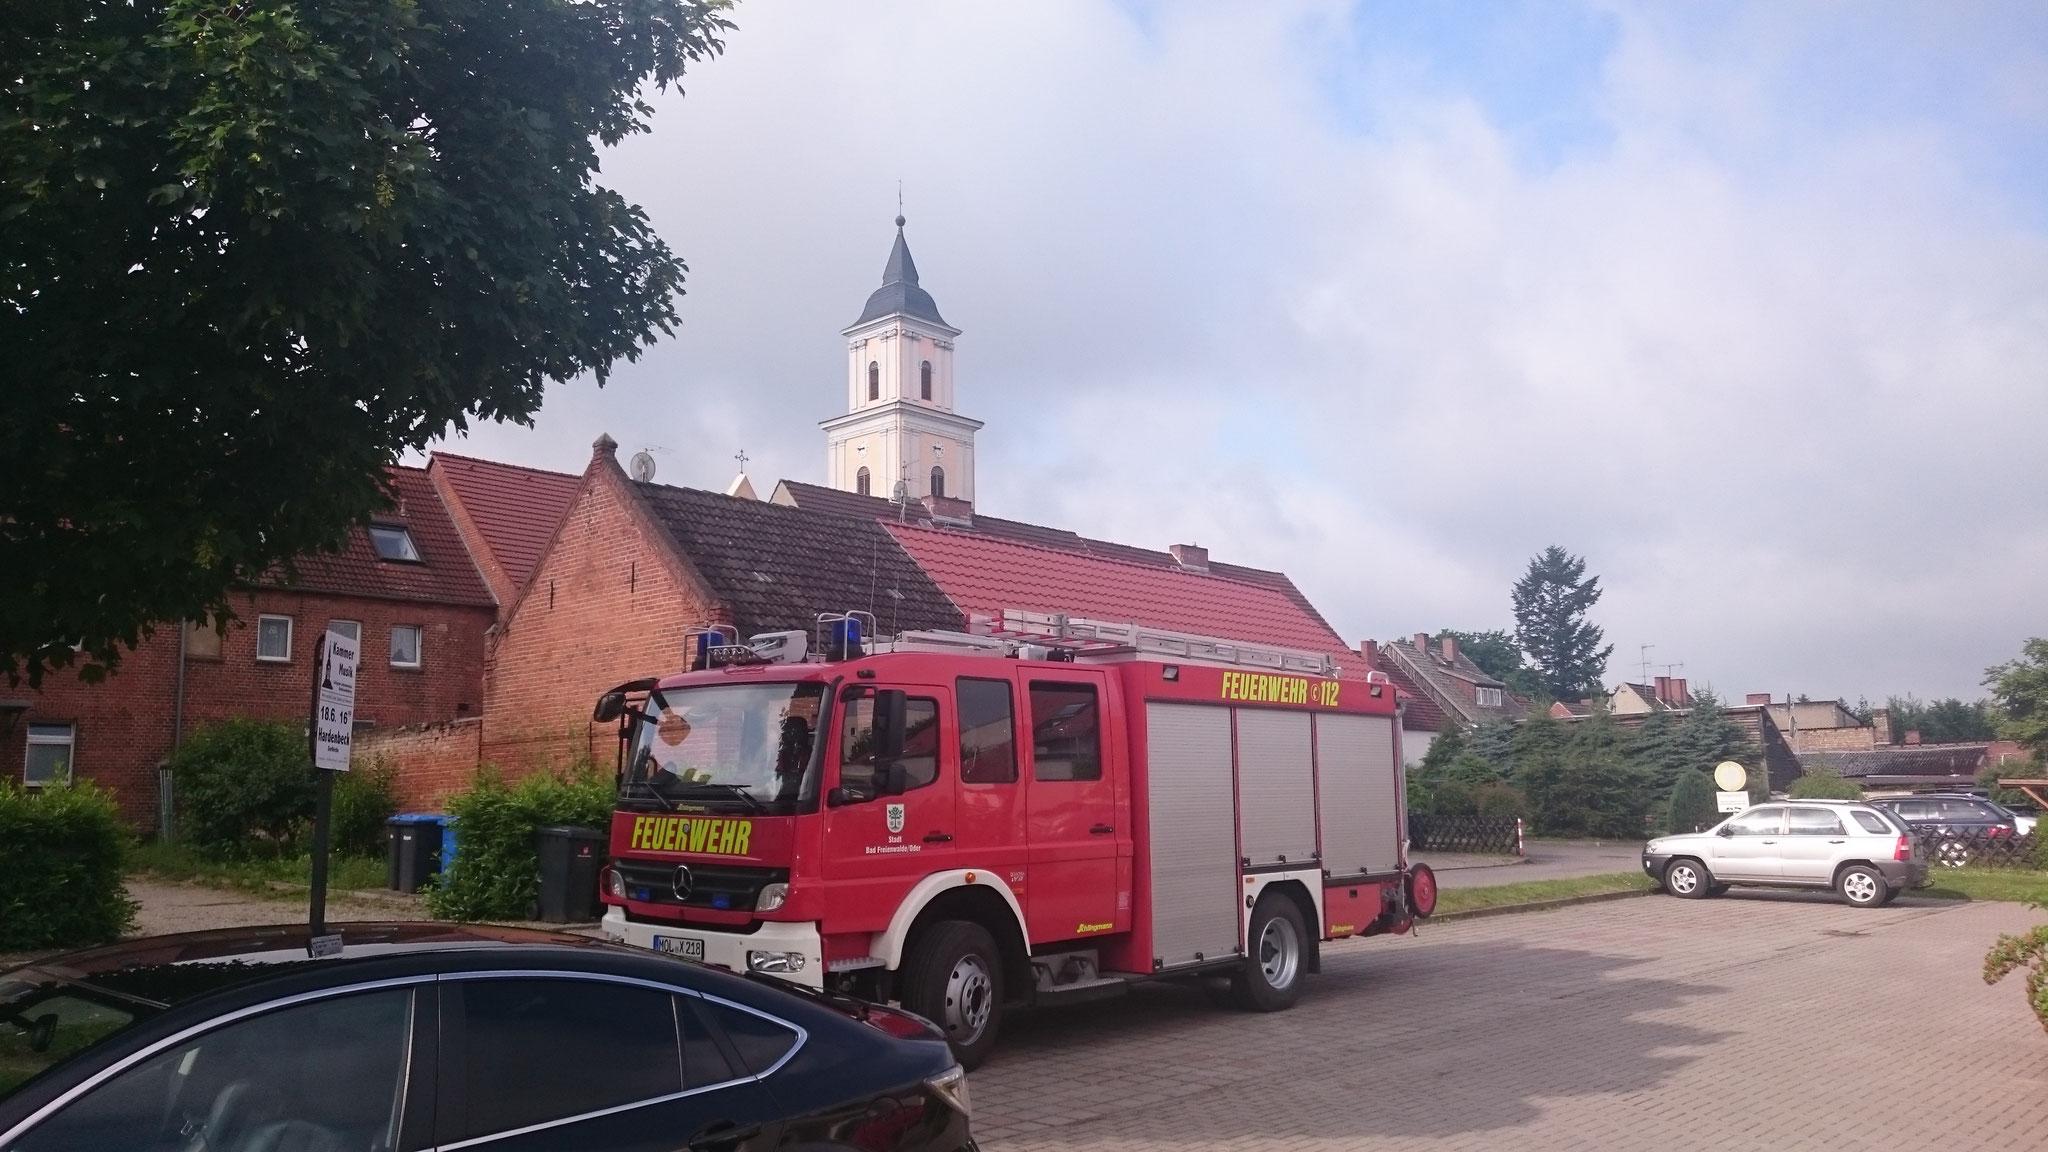 Ankunft in Boitzenburg